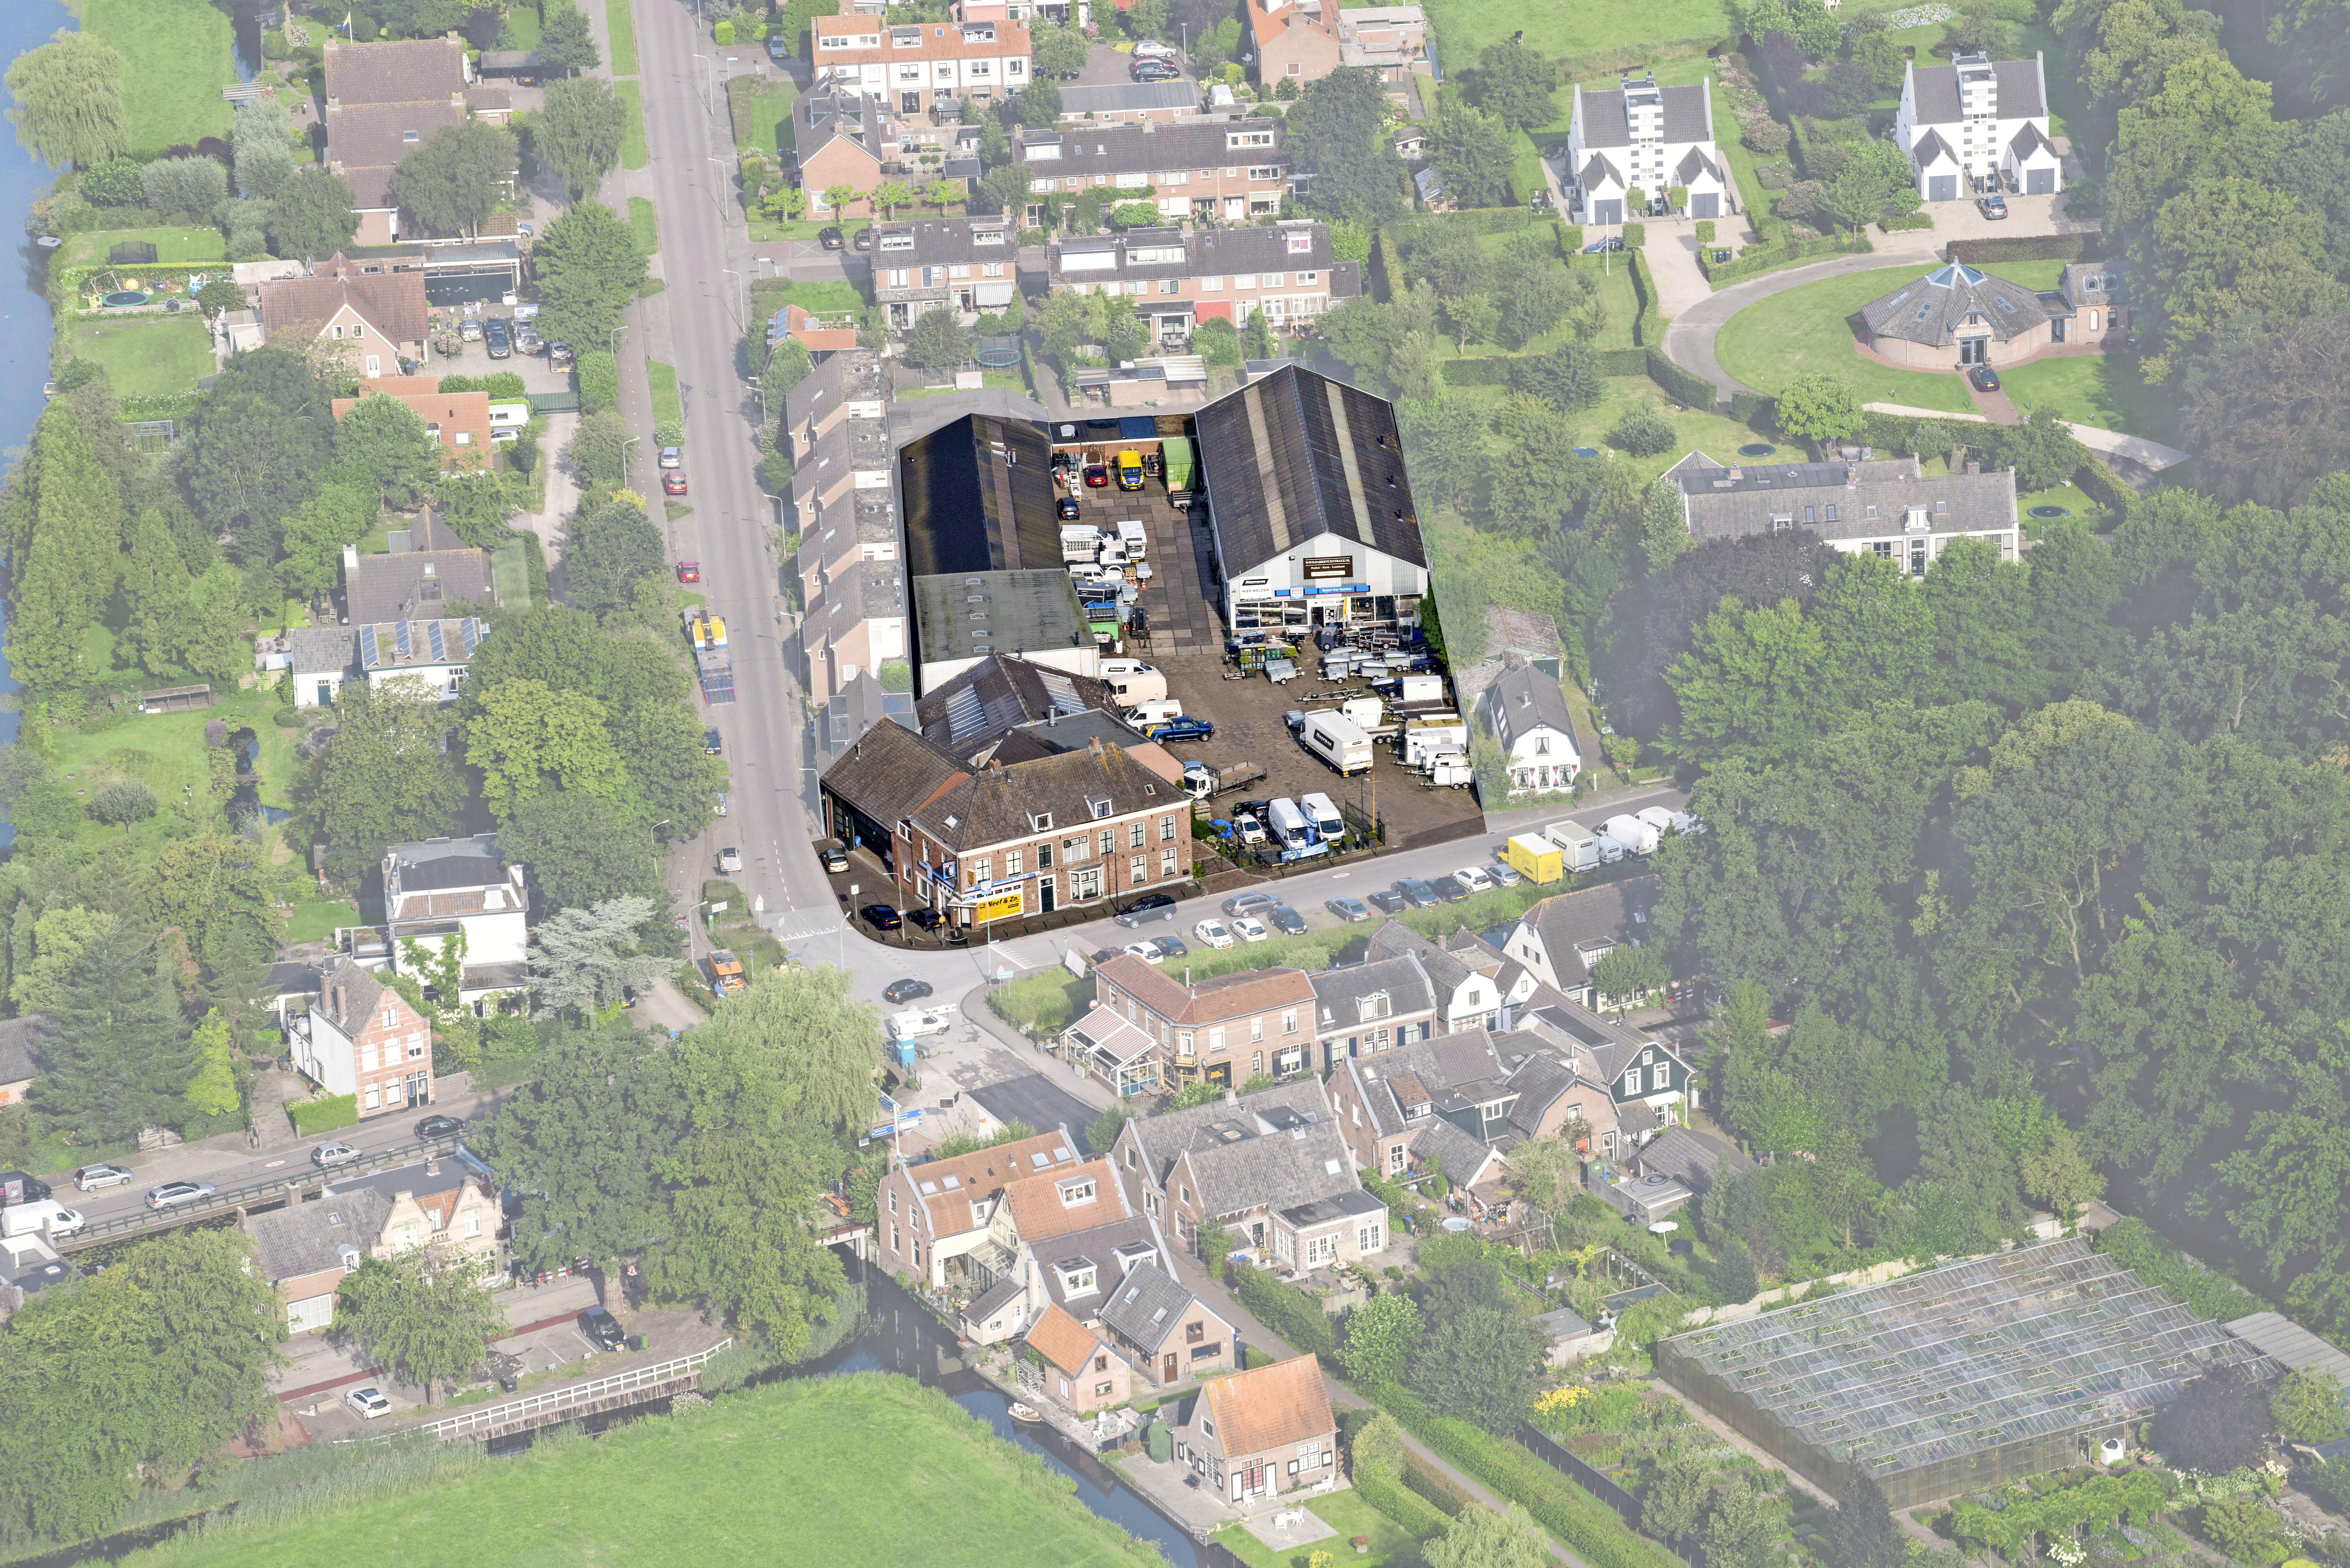 Warempel, Ankeveen krijgt er een wijkje bij: zeker 35 woningen, op terrein garage Neef aan de rand van het dorp